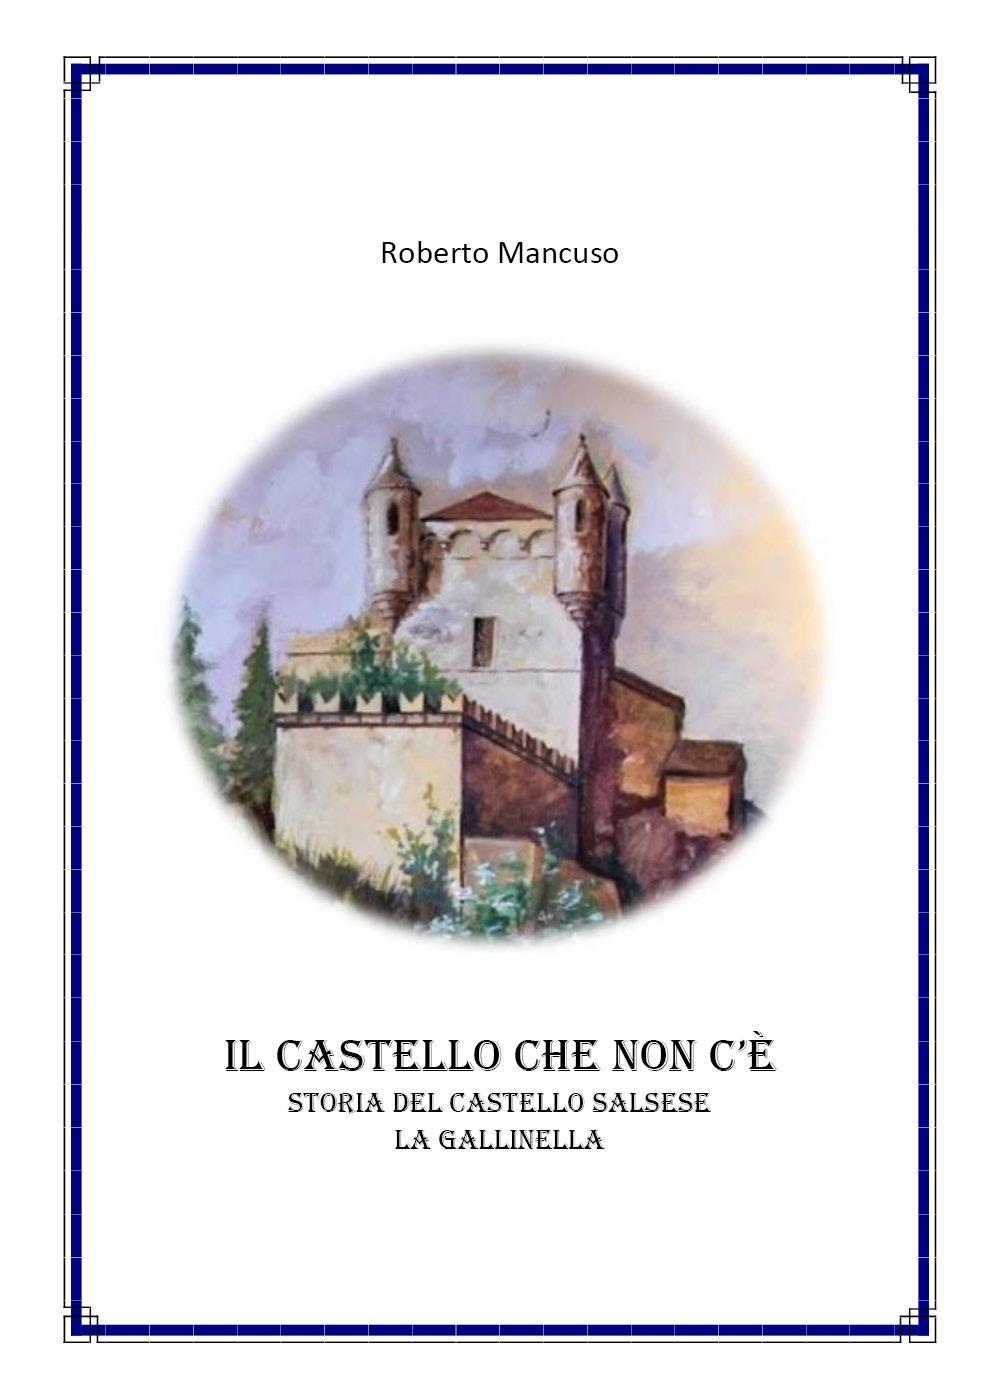 Il castello che non c'è - La Gallinella